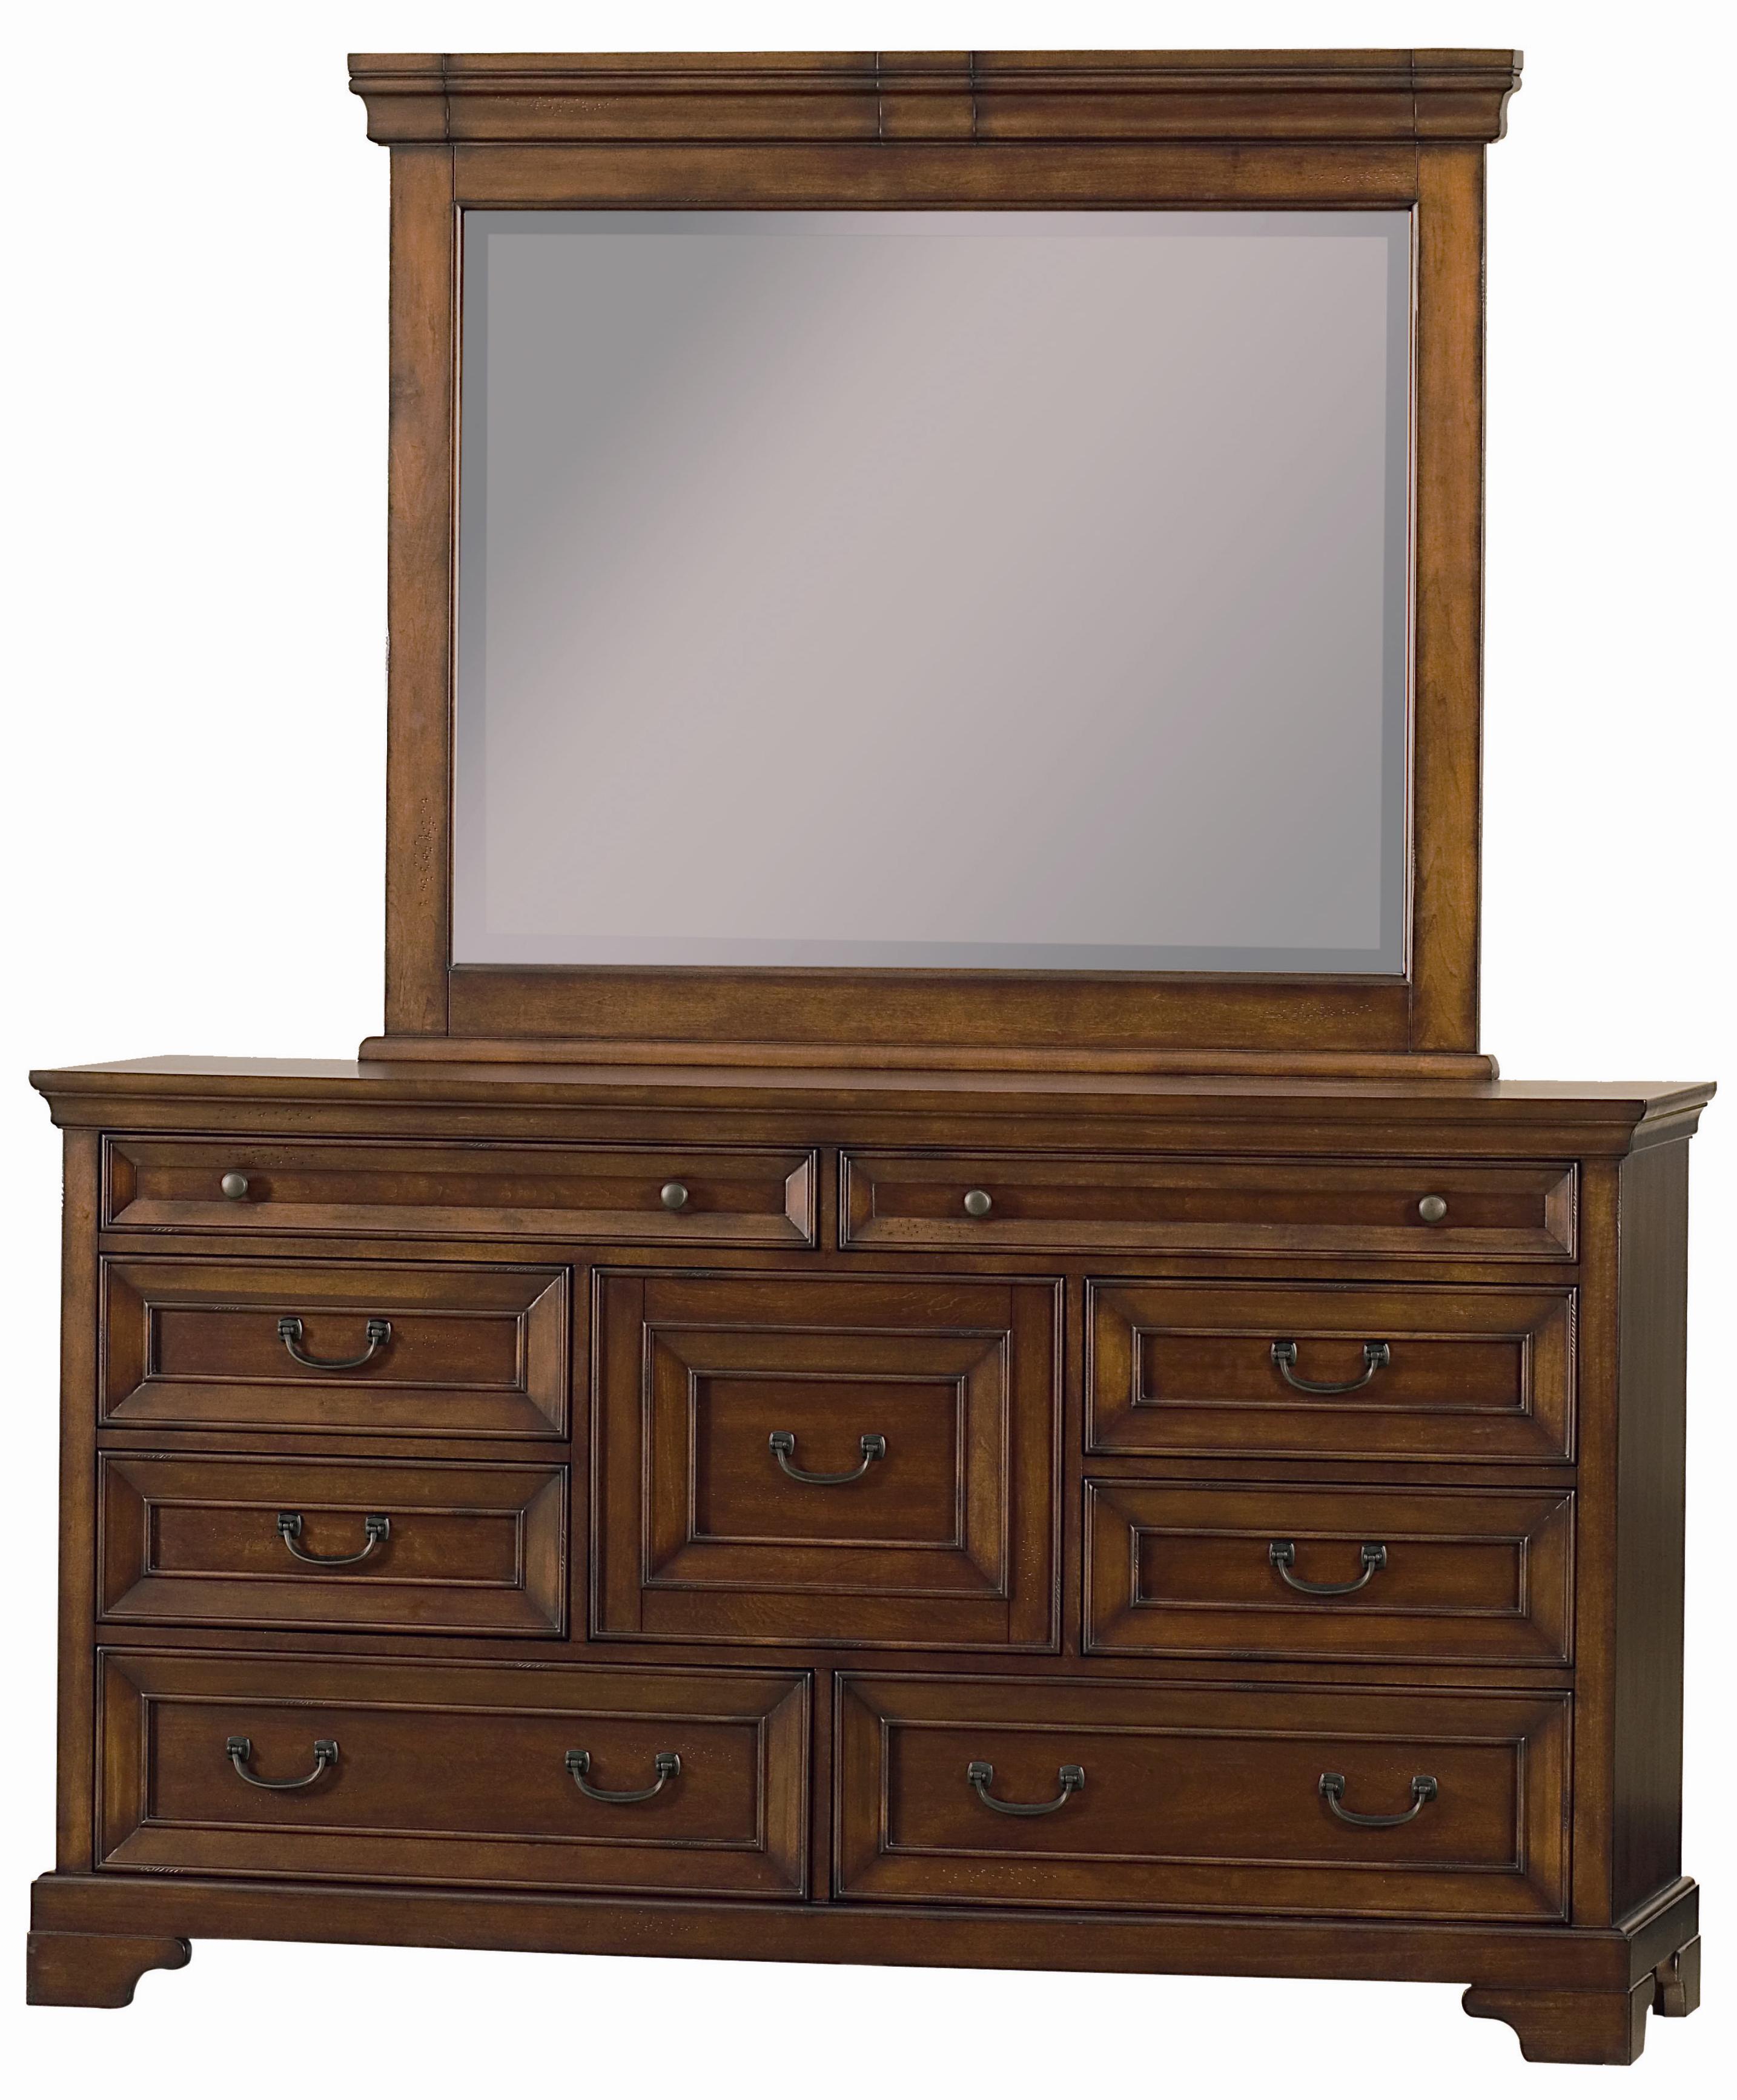 Aspenhome Richmond Nine Drawer Dresser Landscape Mirror Hudson 39 S Furniture Dresser Mirror